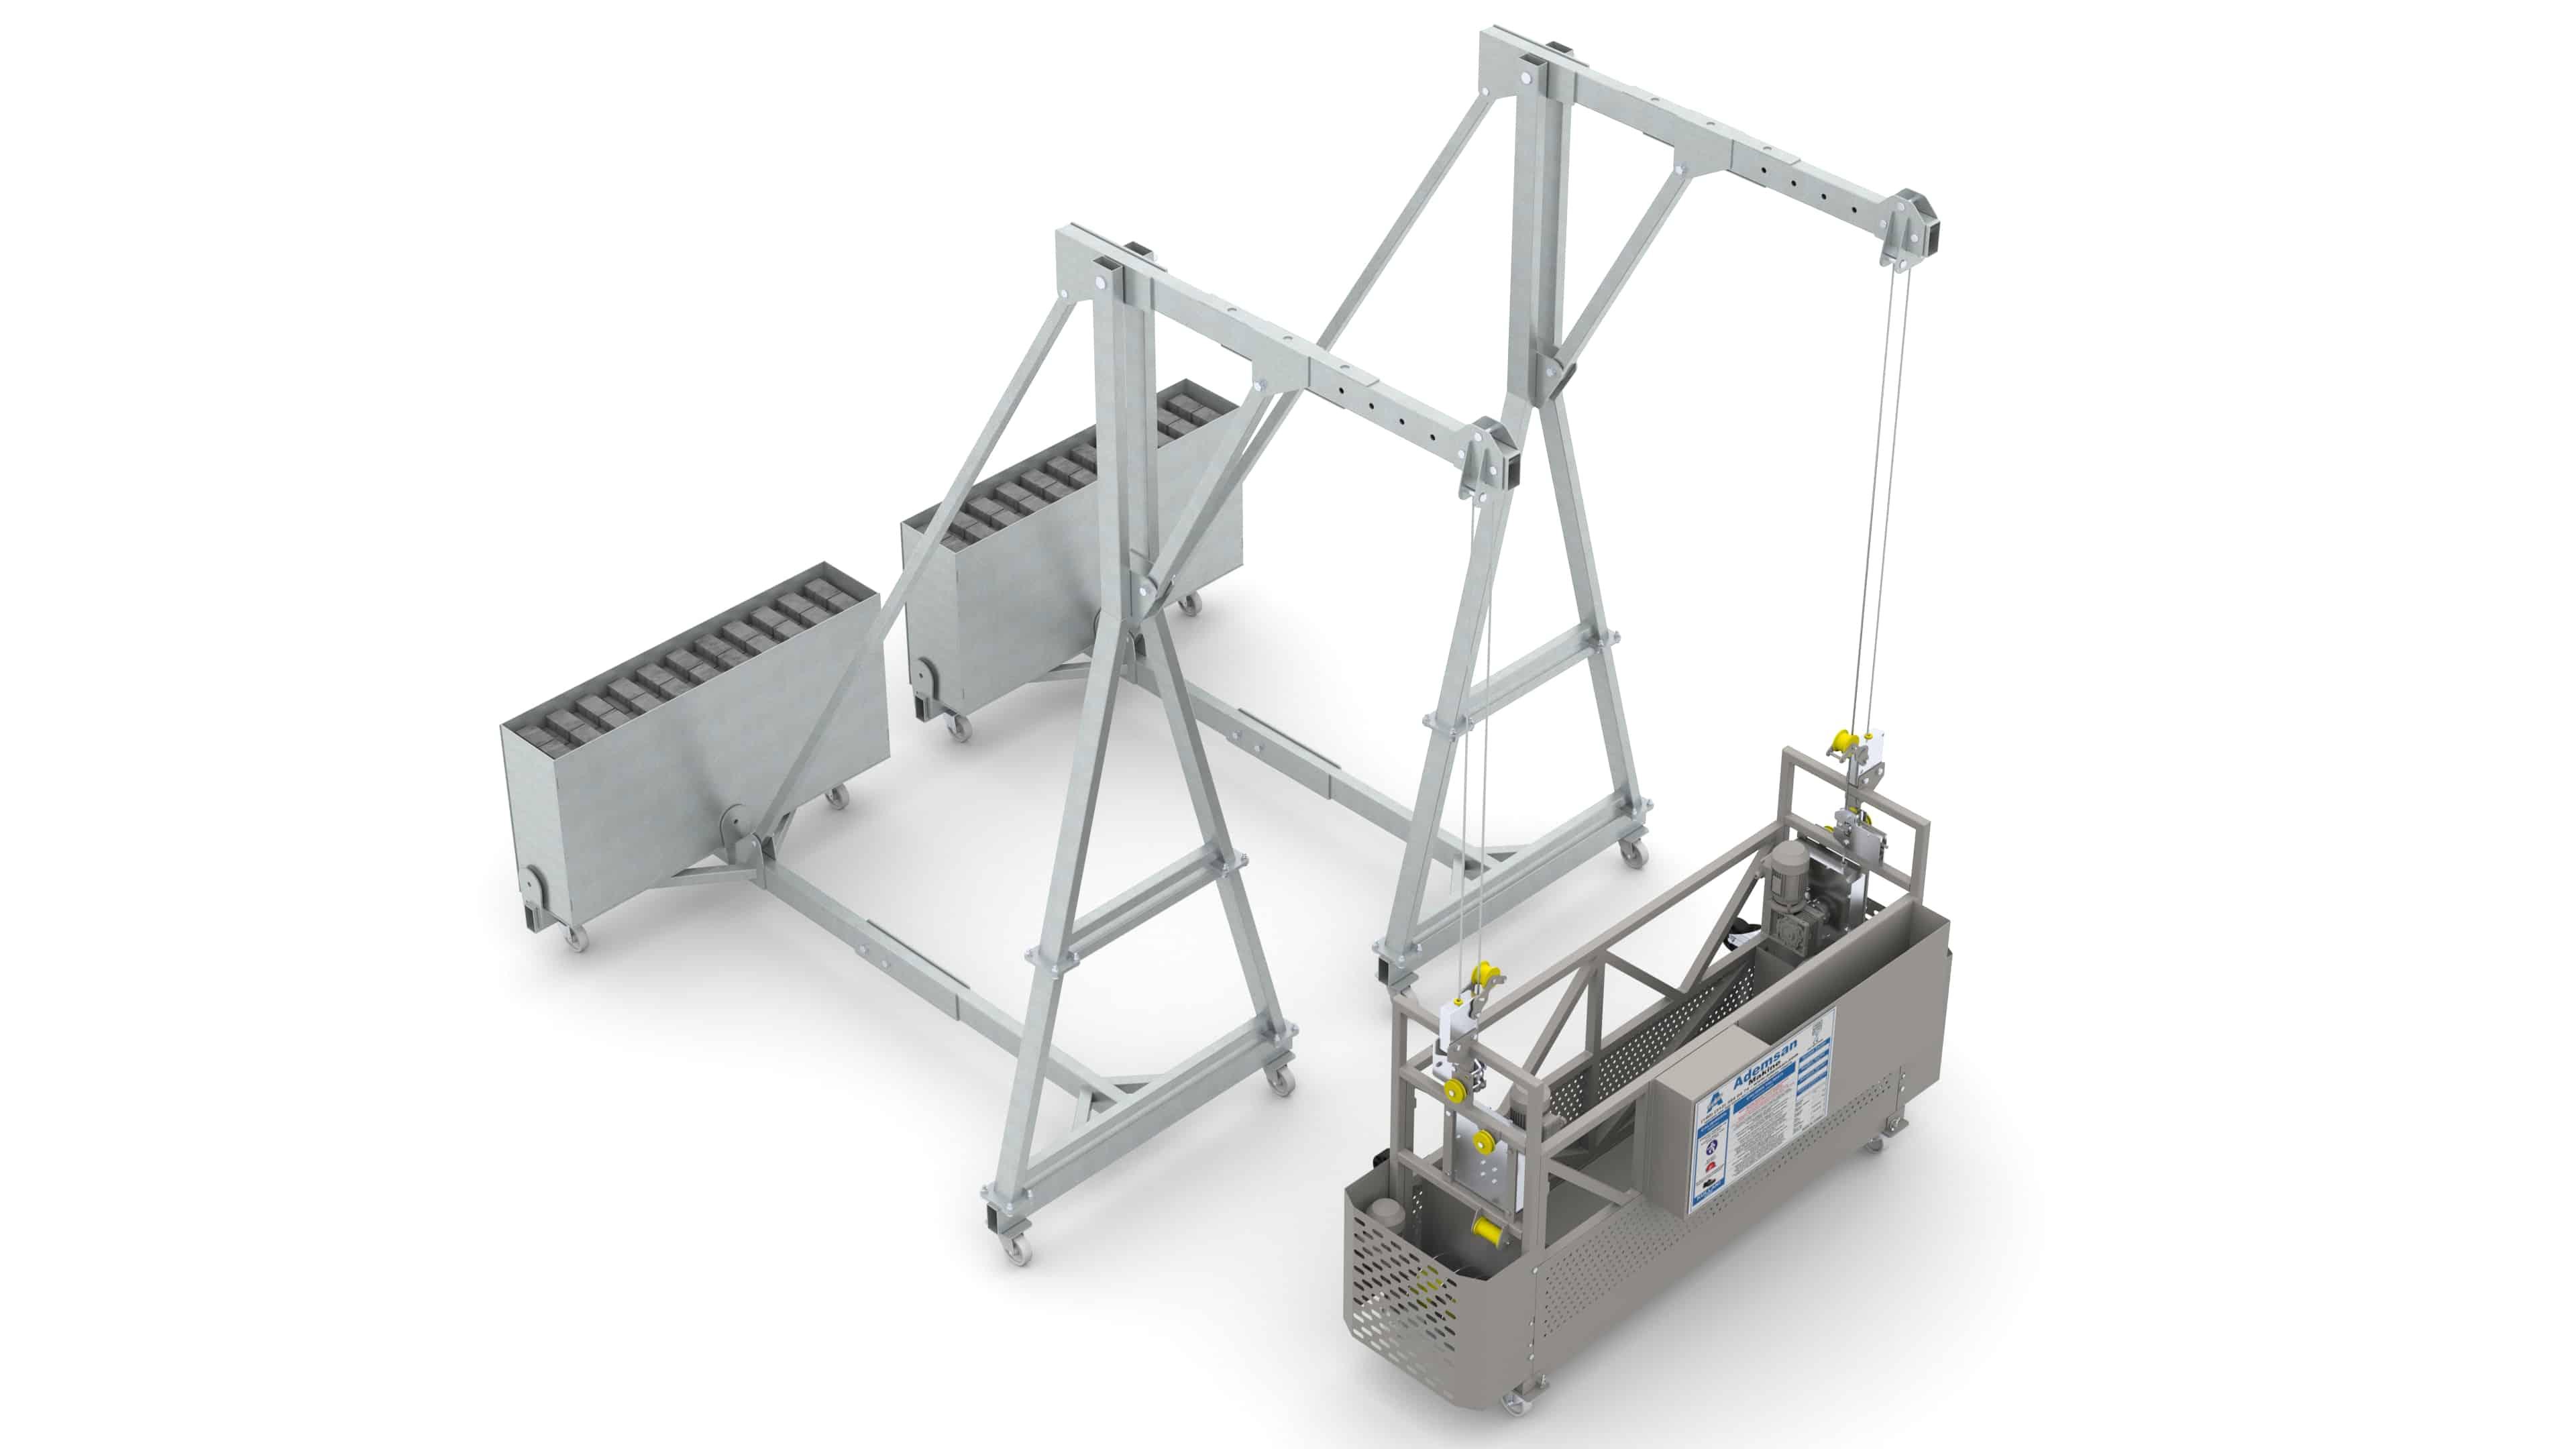 Килевая система с двухместной моющей люлькой и мобильной консолью